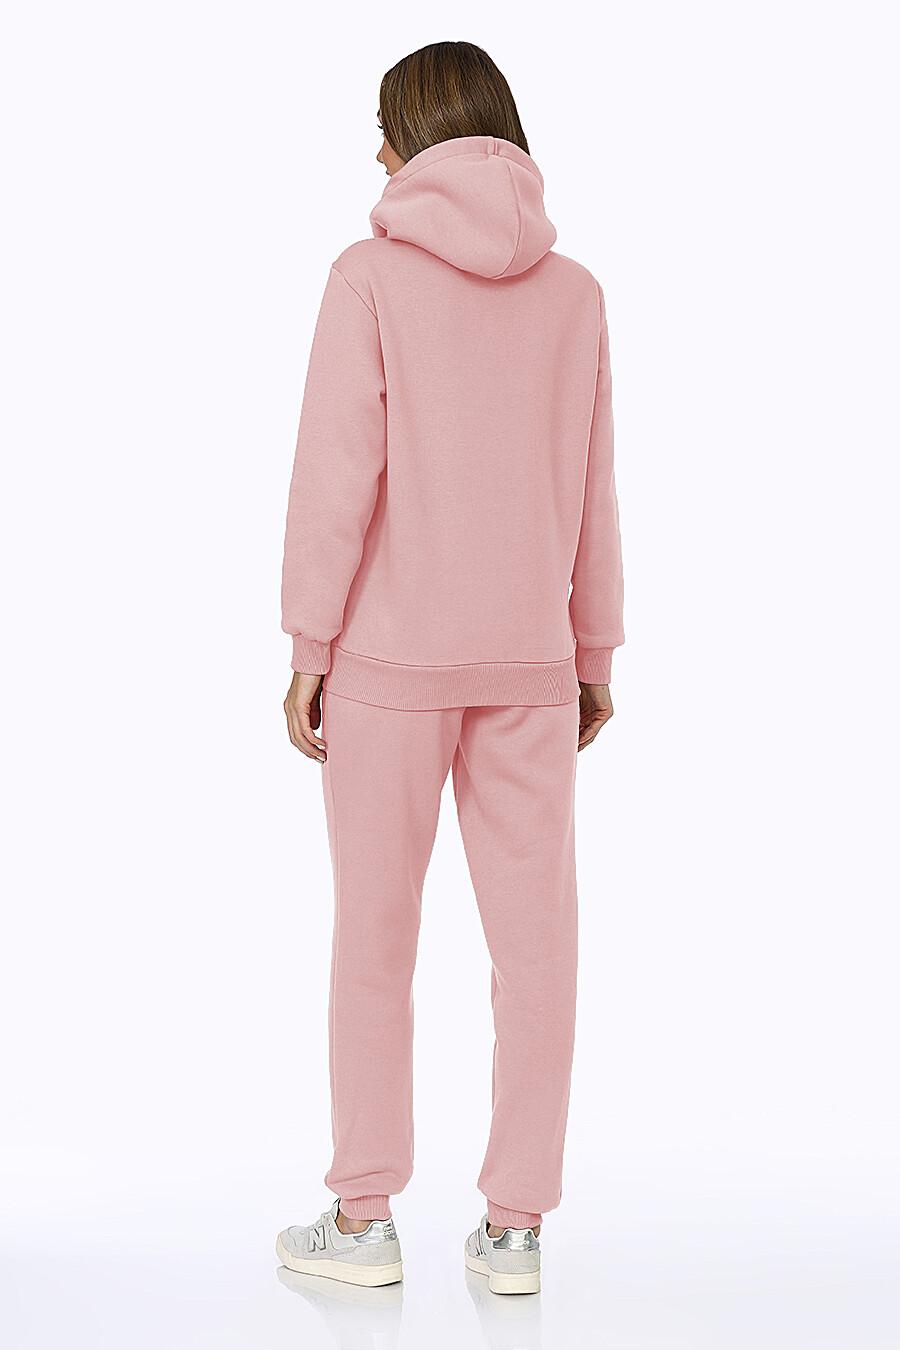 Костюм (Брюки+Худи) для женщин EZANNA 707990 купить оптом от производителя. Совместная покупка женской одежды в OptMoyo